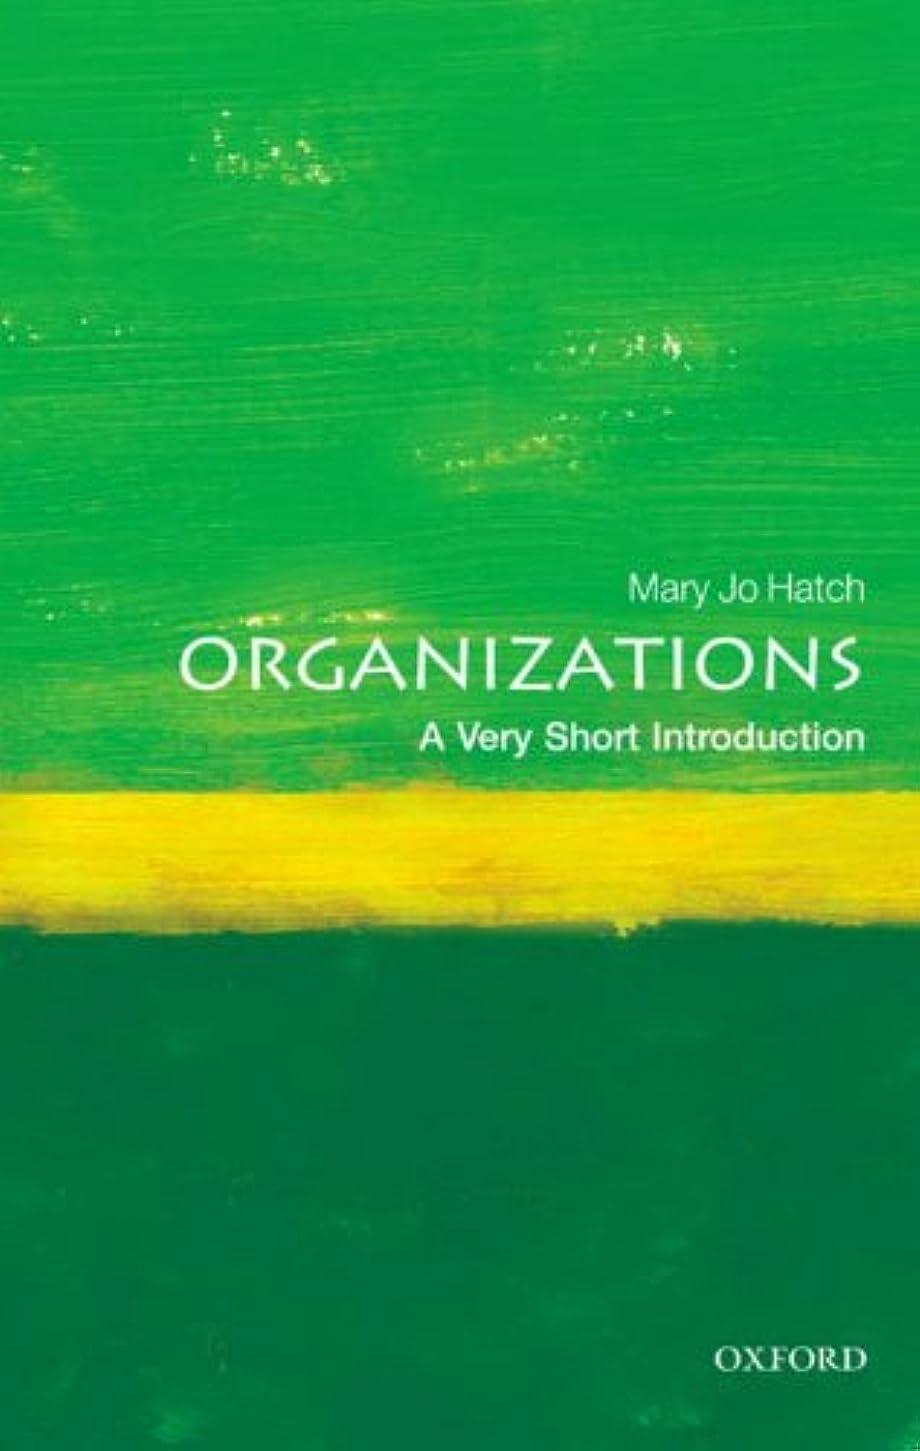 動盆注ぎますOrganizations: A Very Short Introduction (Very Short Introductions) (English Edition)